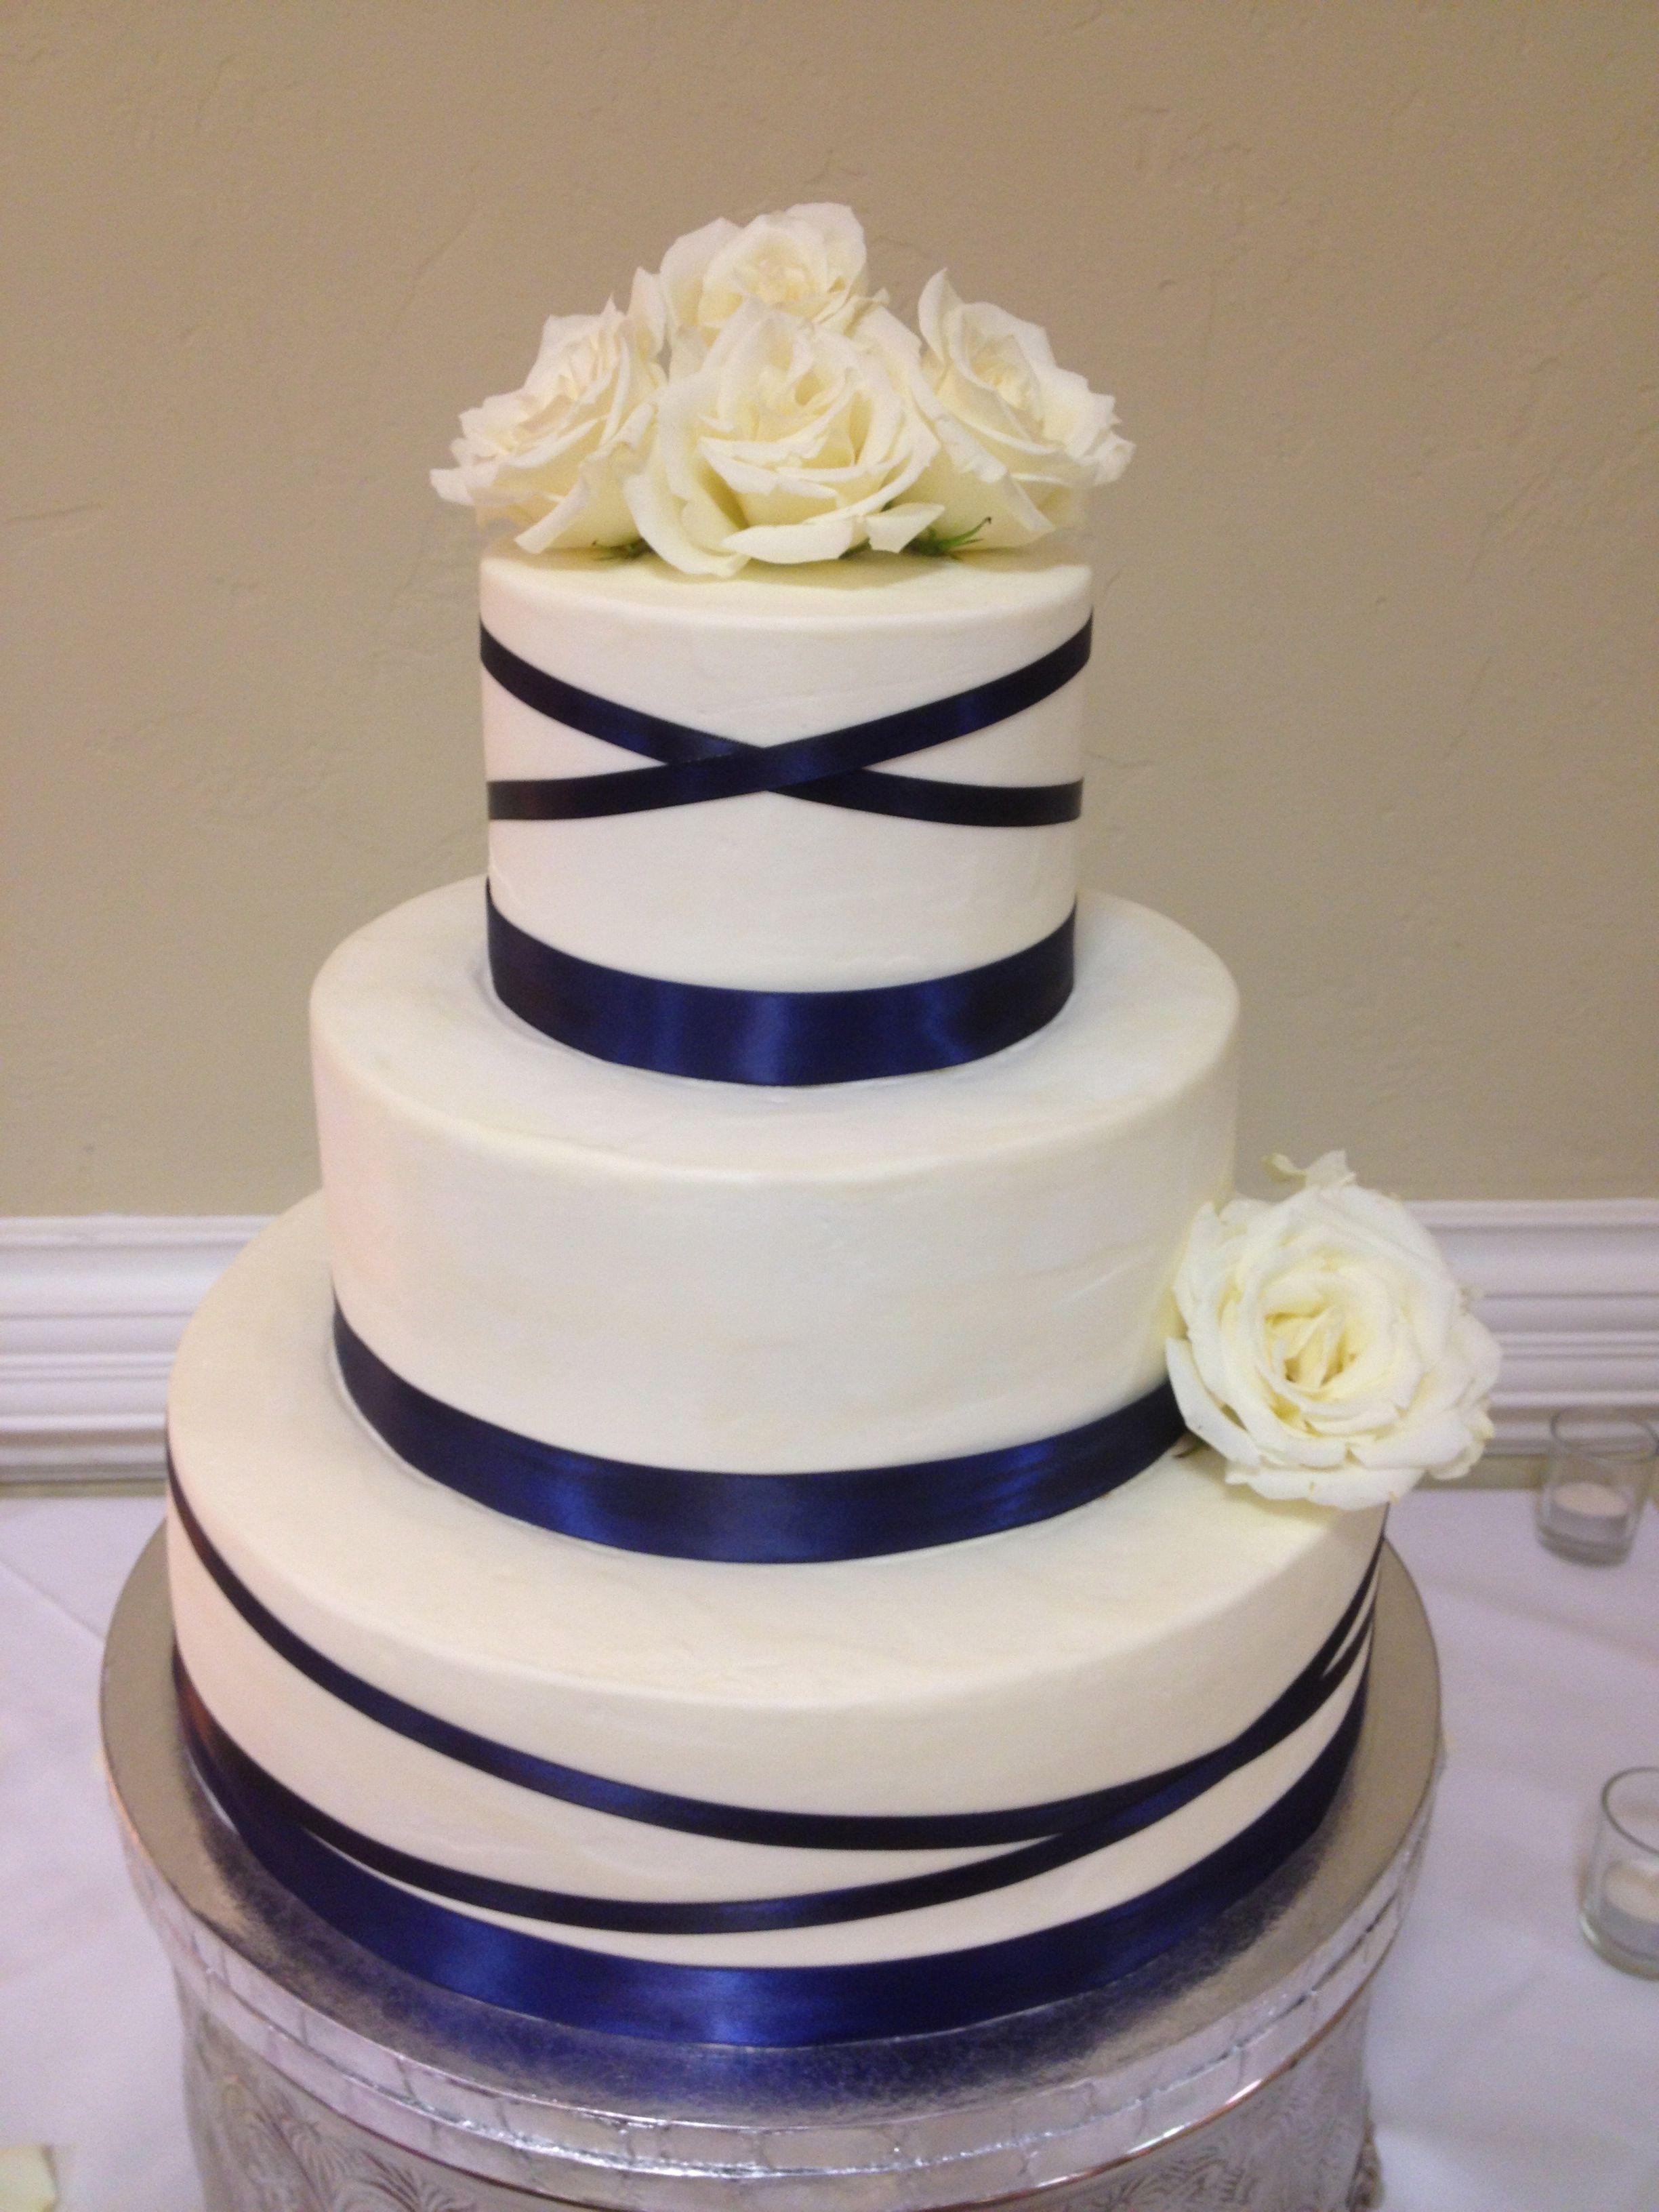 Buttercream Cake Fresh Flowers Wedding Cake Navy Blue